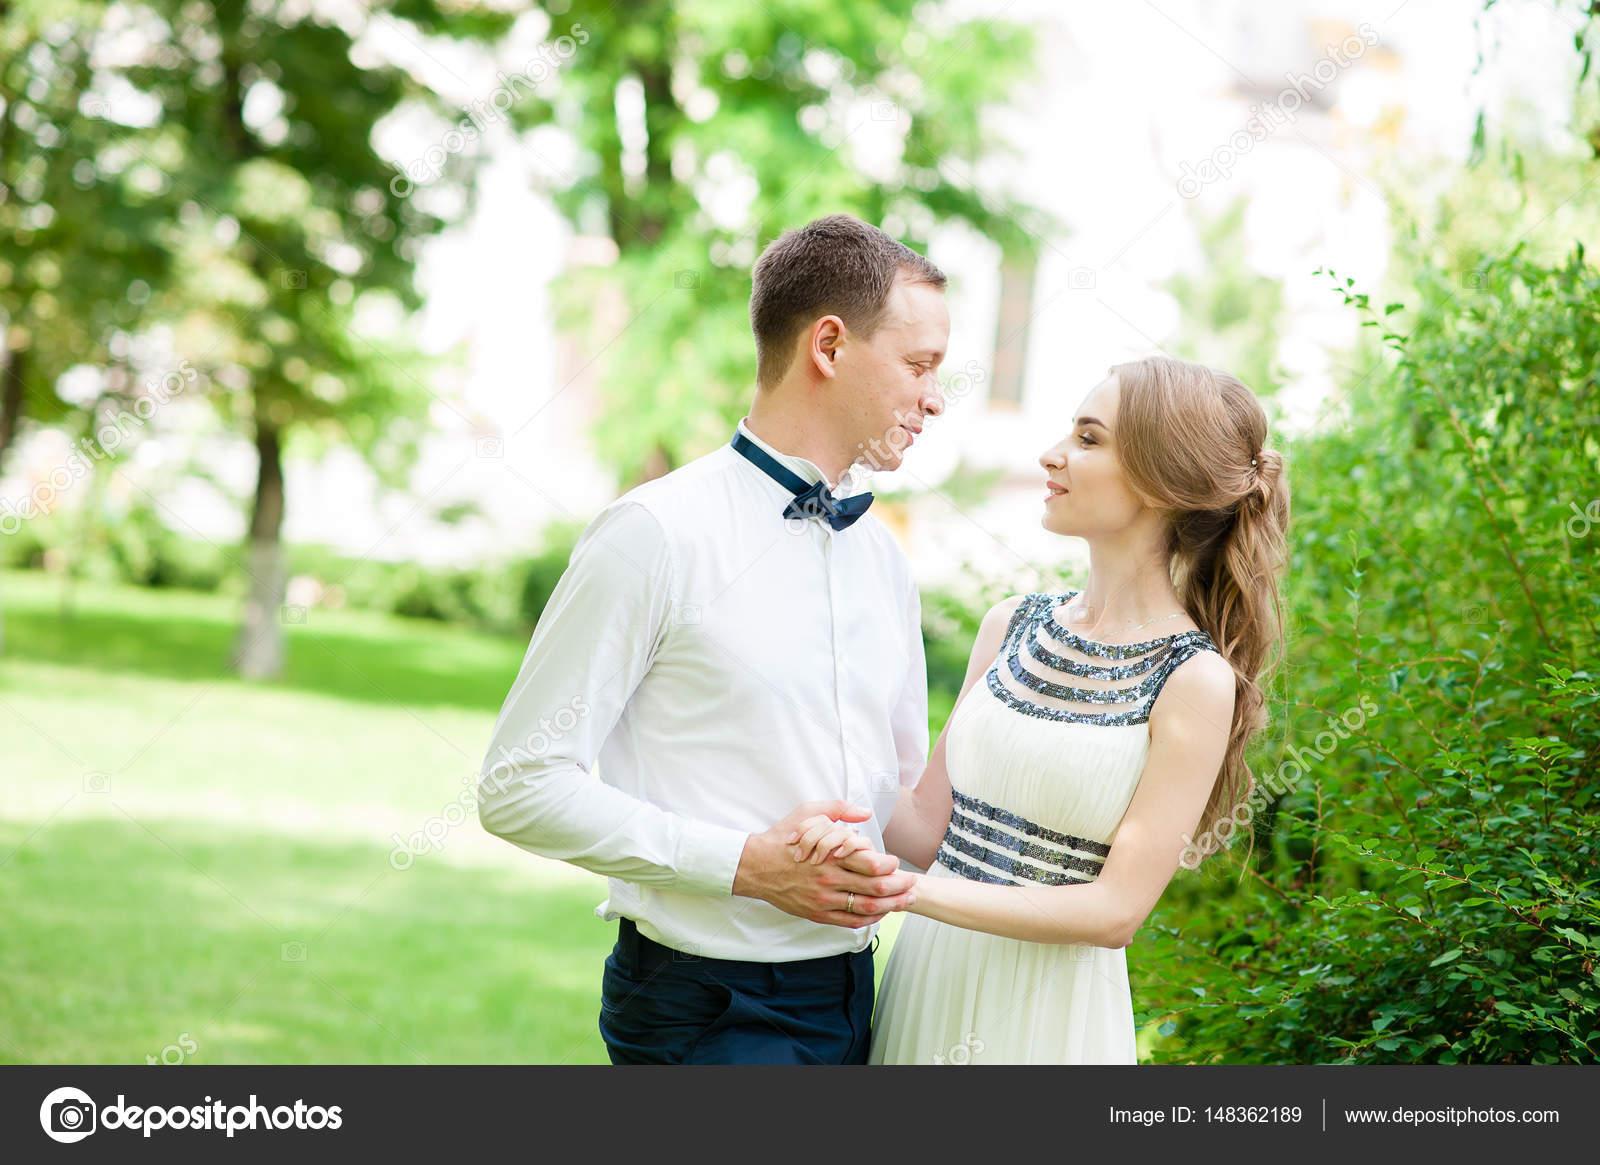 seznamka biracial randění s datem, jak získat přítelkyni